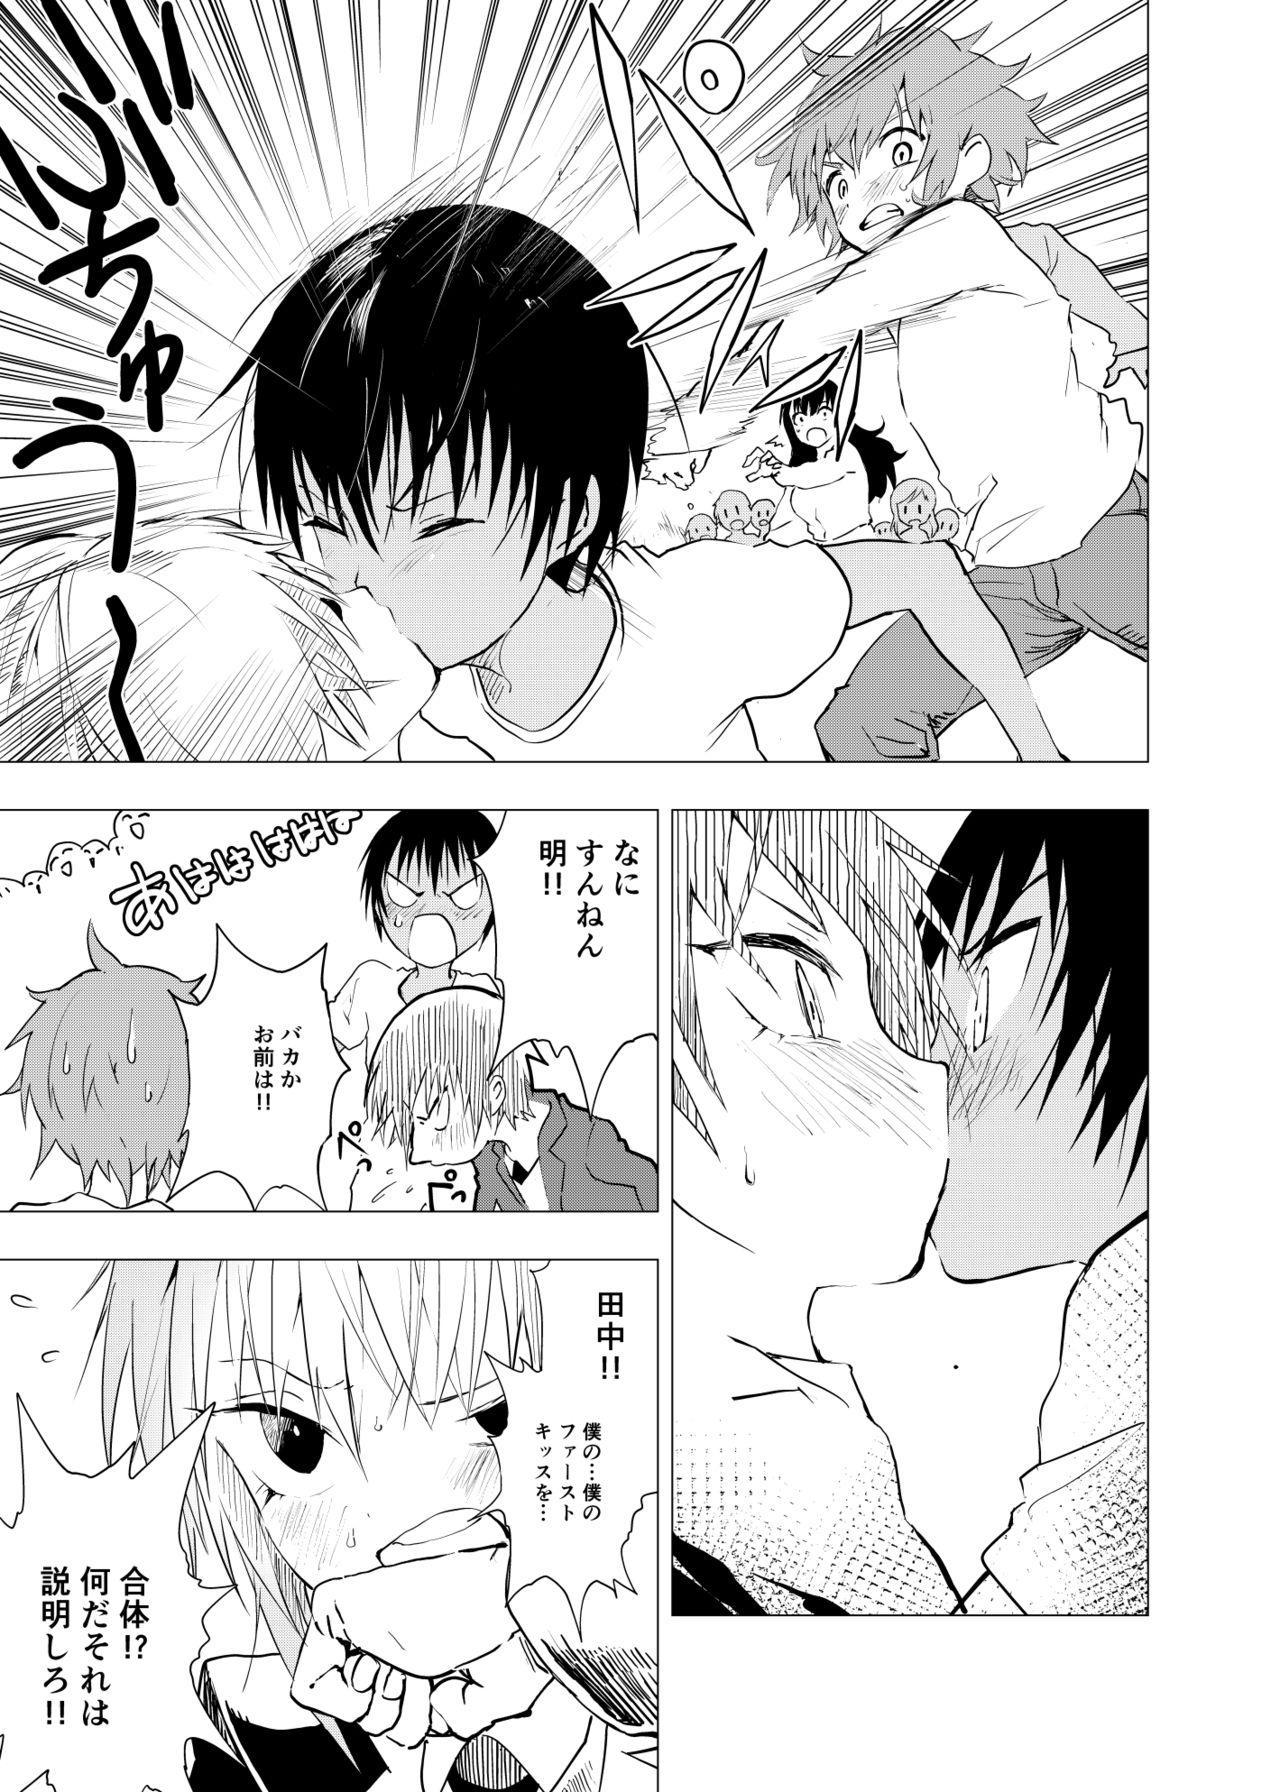 Inaka no Uke Shounen to Tokai no Seme Shounen no Ero Manga 1-6 98